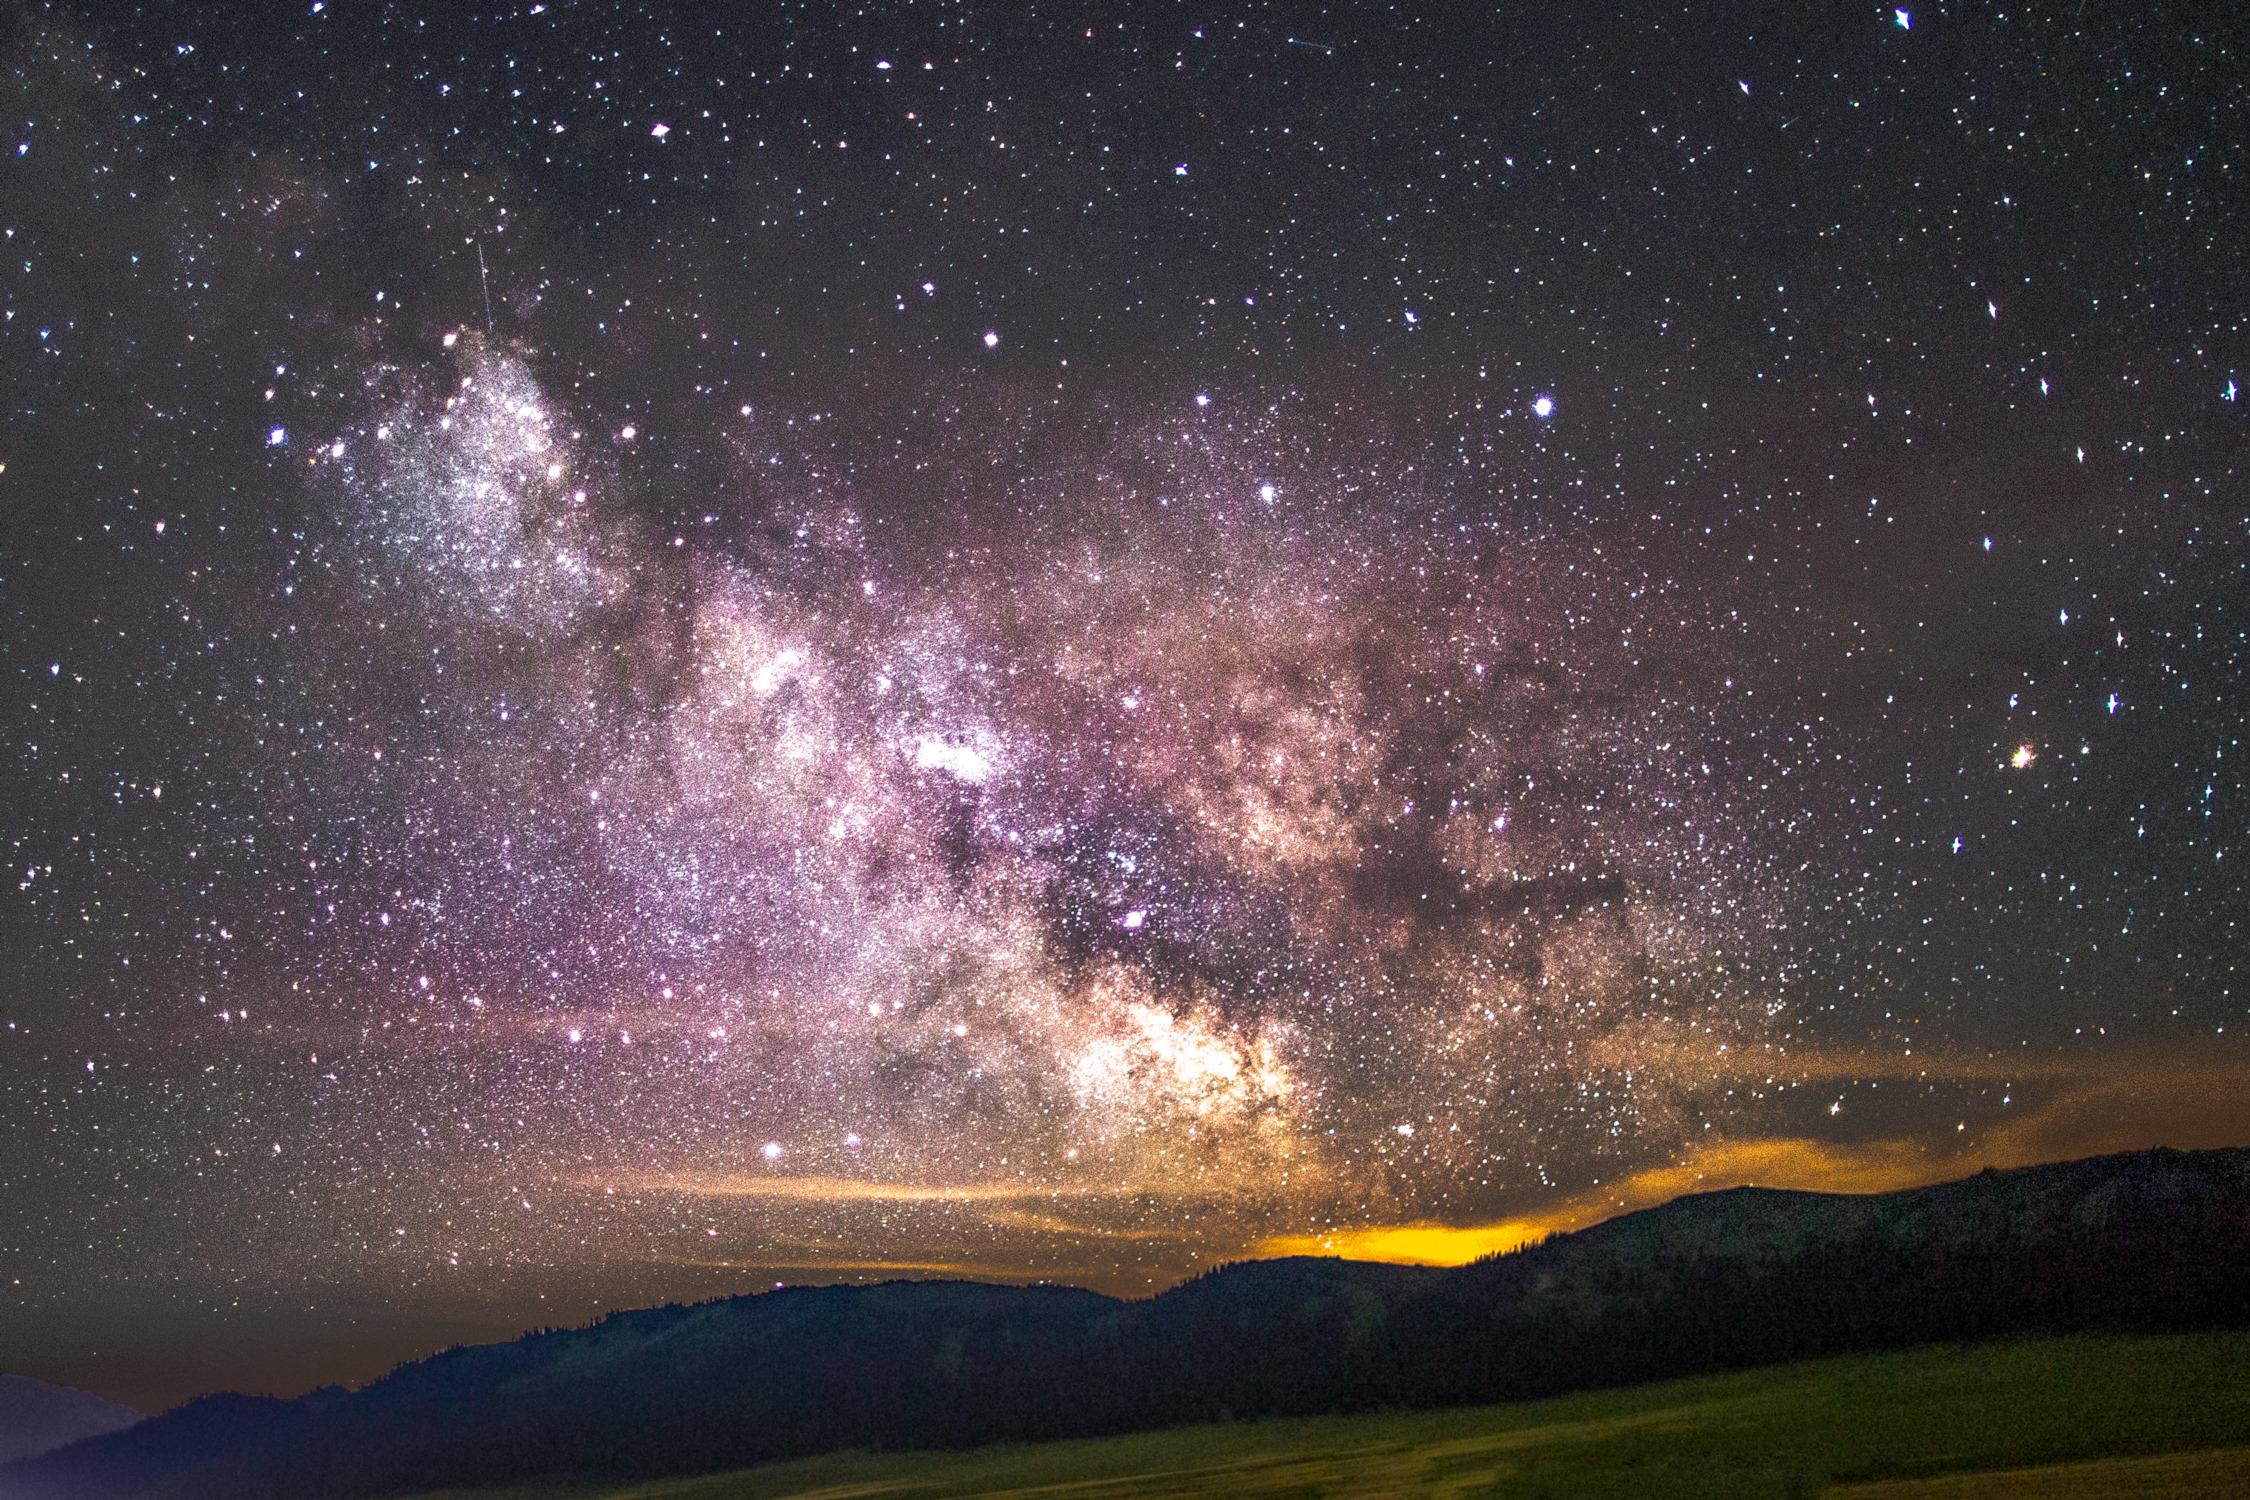 背景 壁纸 皮肤 星空 宇宙 桌面 2250_1500图片